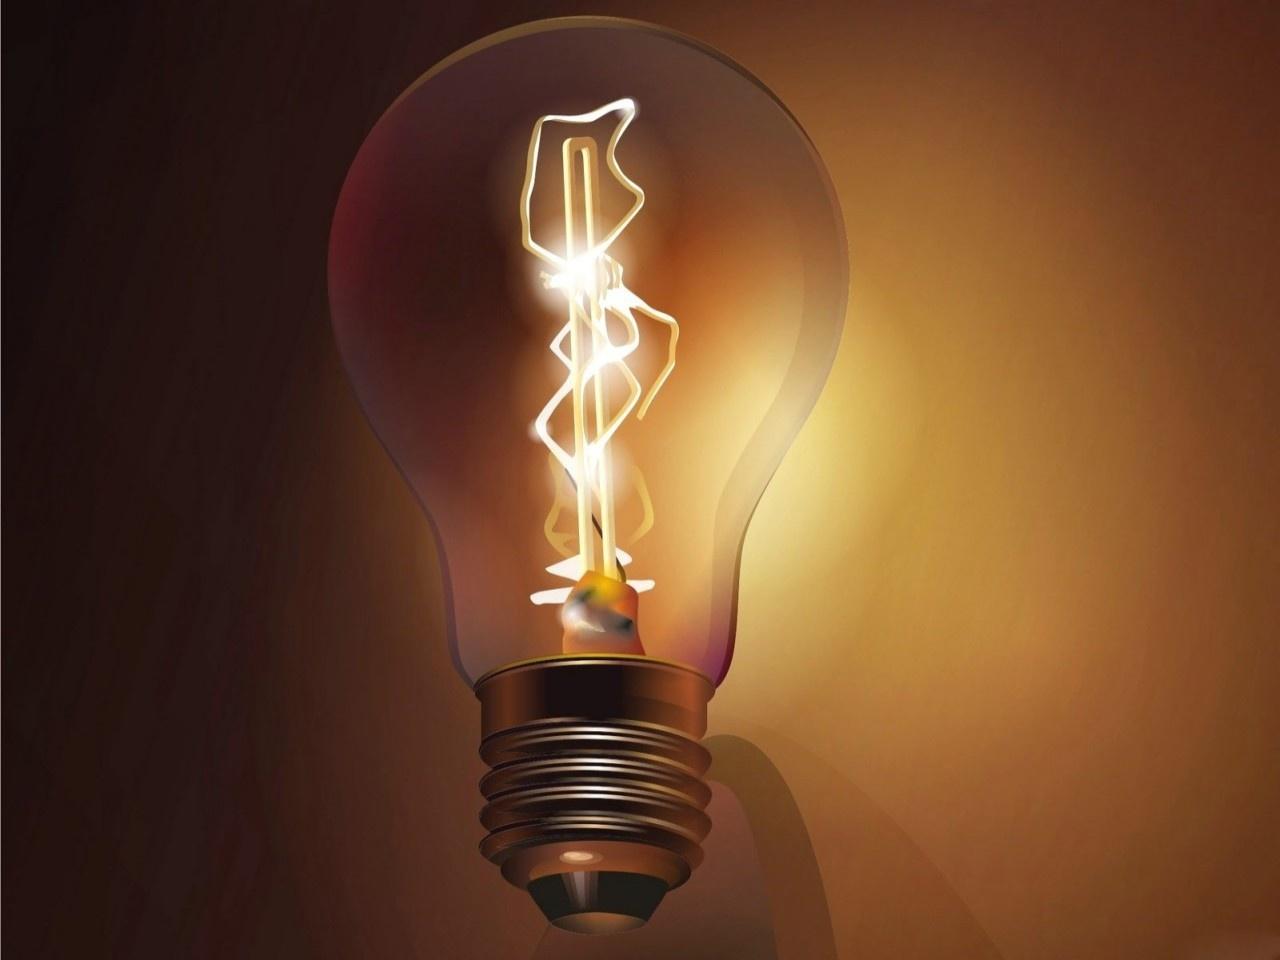 foto lampadina : Italiani spreconi: lampadine accese inutilmente mezzora al giorno ...